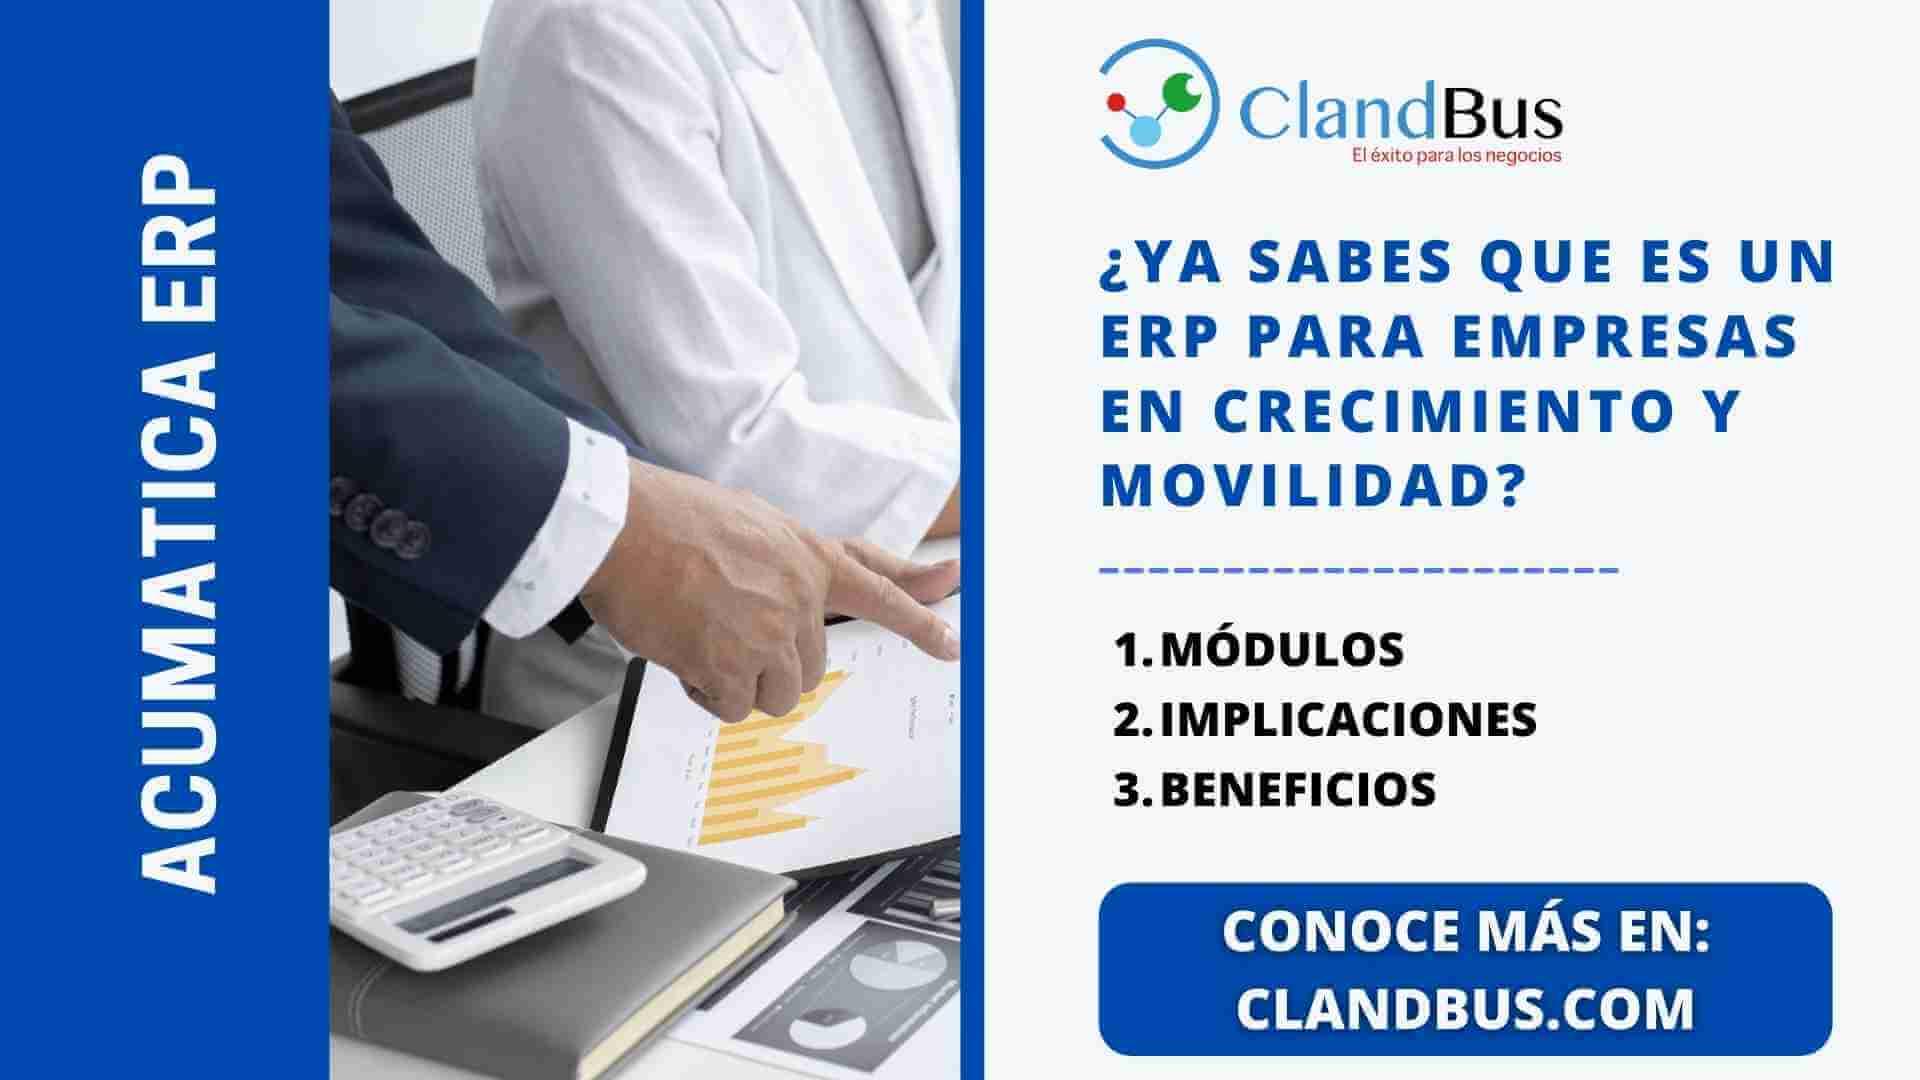 como explotar la movilidad - Modulos, implicaciones y beneficios - ClandBus y Acumatica ERP Cloud